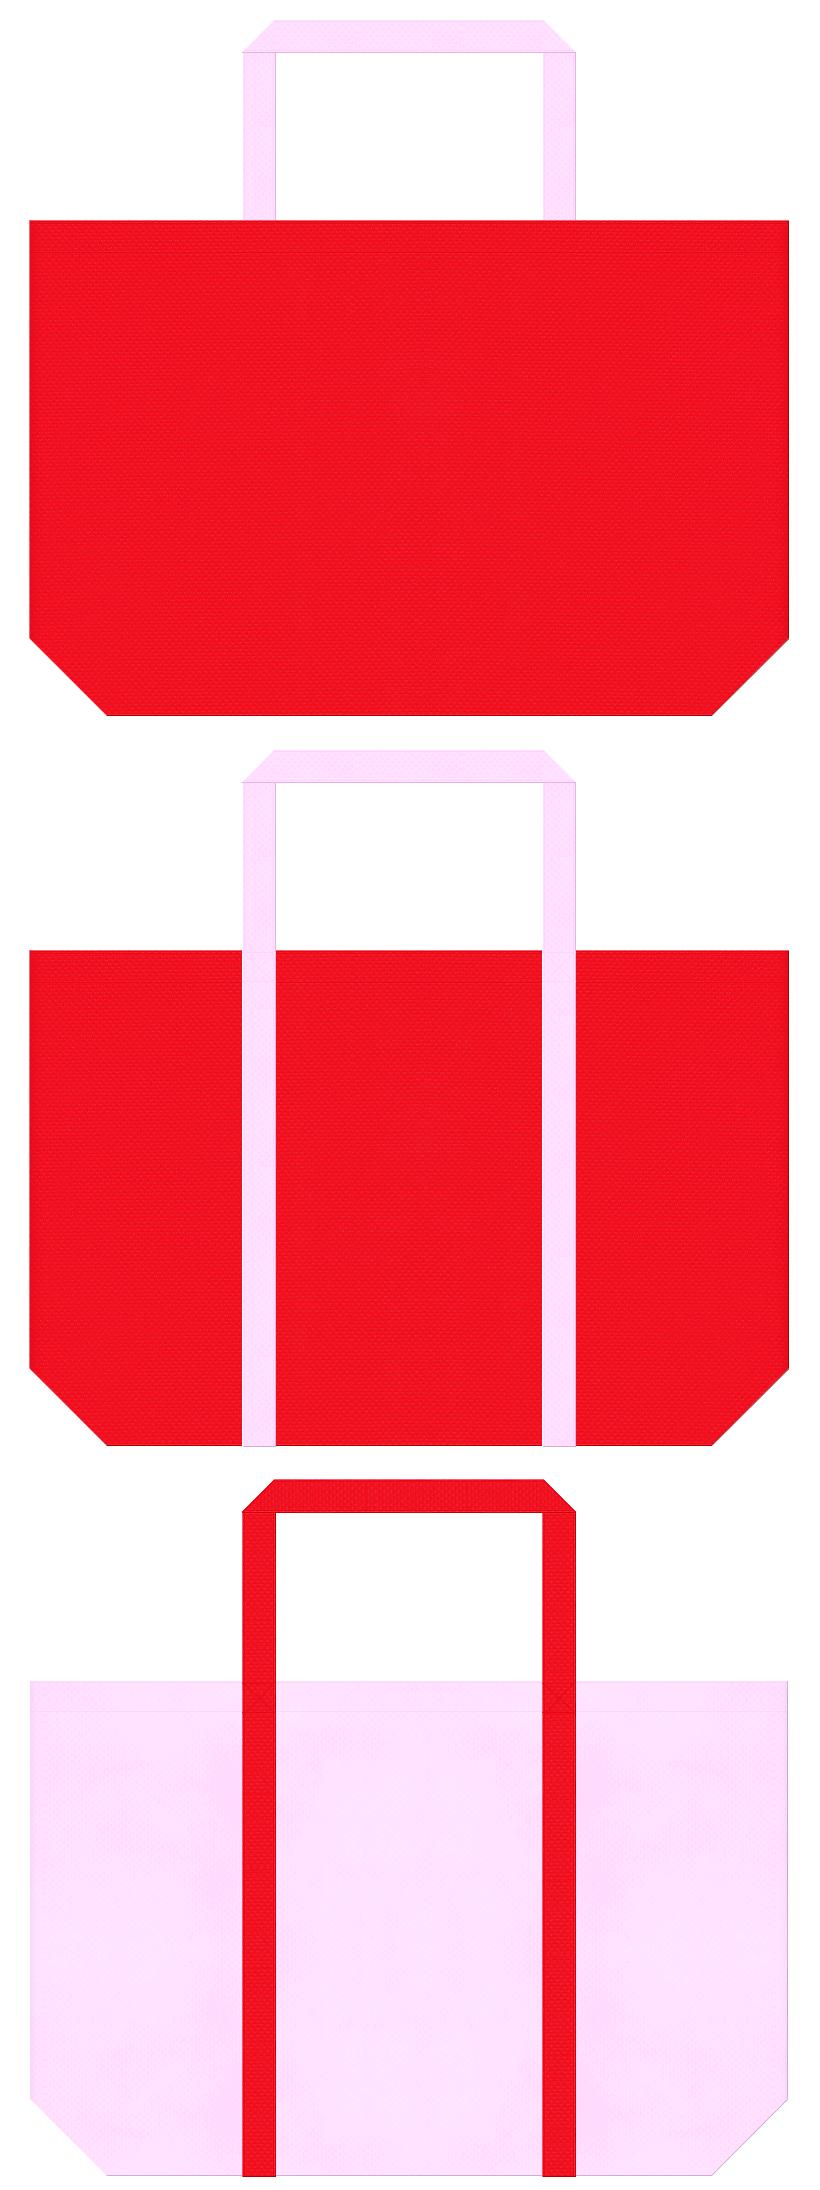 いちご・バレンタイン・ひな祭り・カーネーション・母の日・和風催事・お正月・福袋にお奨めの不織布バッグデザイン:赤色と明るいピンク色のコーデ